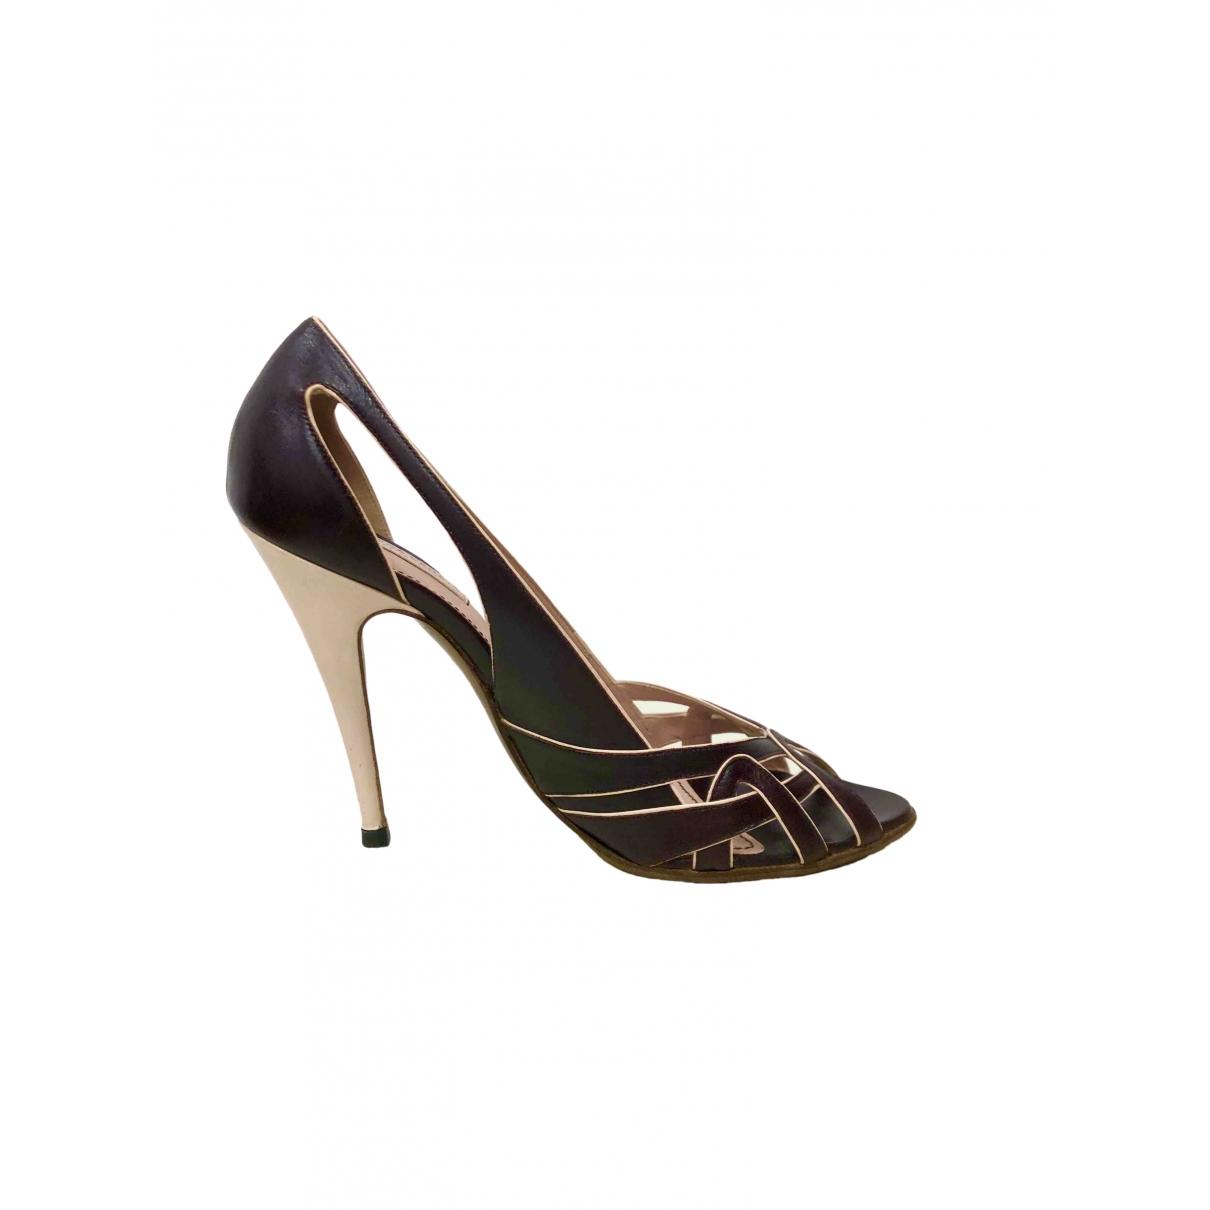 Bottega Veneta \N Burgundy Leather Heels for Women 40 EU